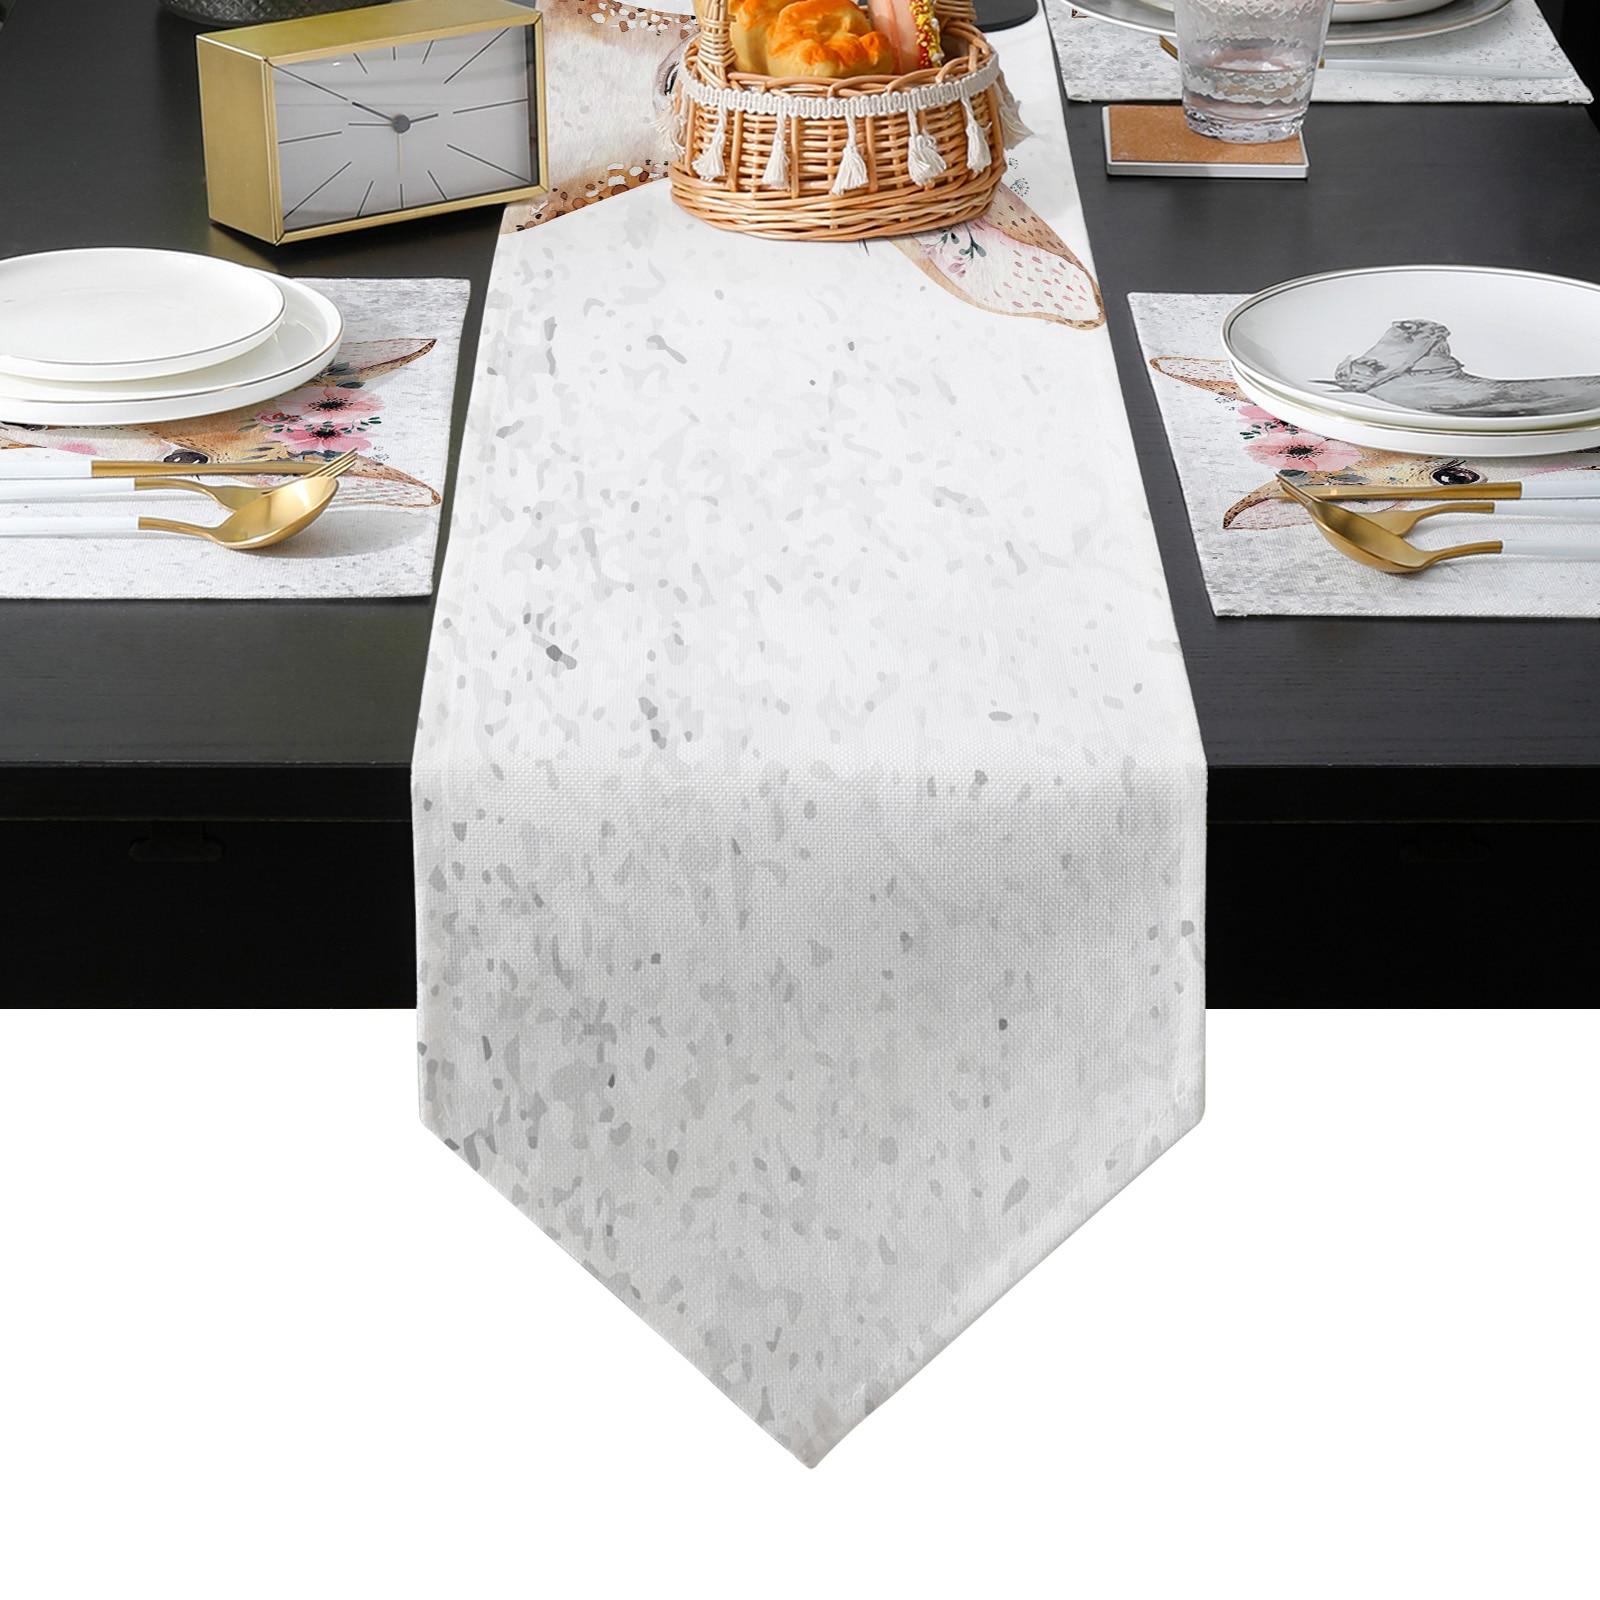 الكرتون الغزلان المائية الزهور الحيوانات الزفاف الجدول عداء الجدول حصيرة الجدول العلم الشاي غطاء الخزانة Tablecloth ديكور المنزل